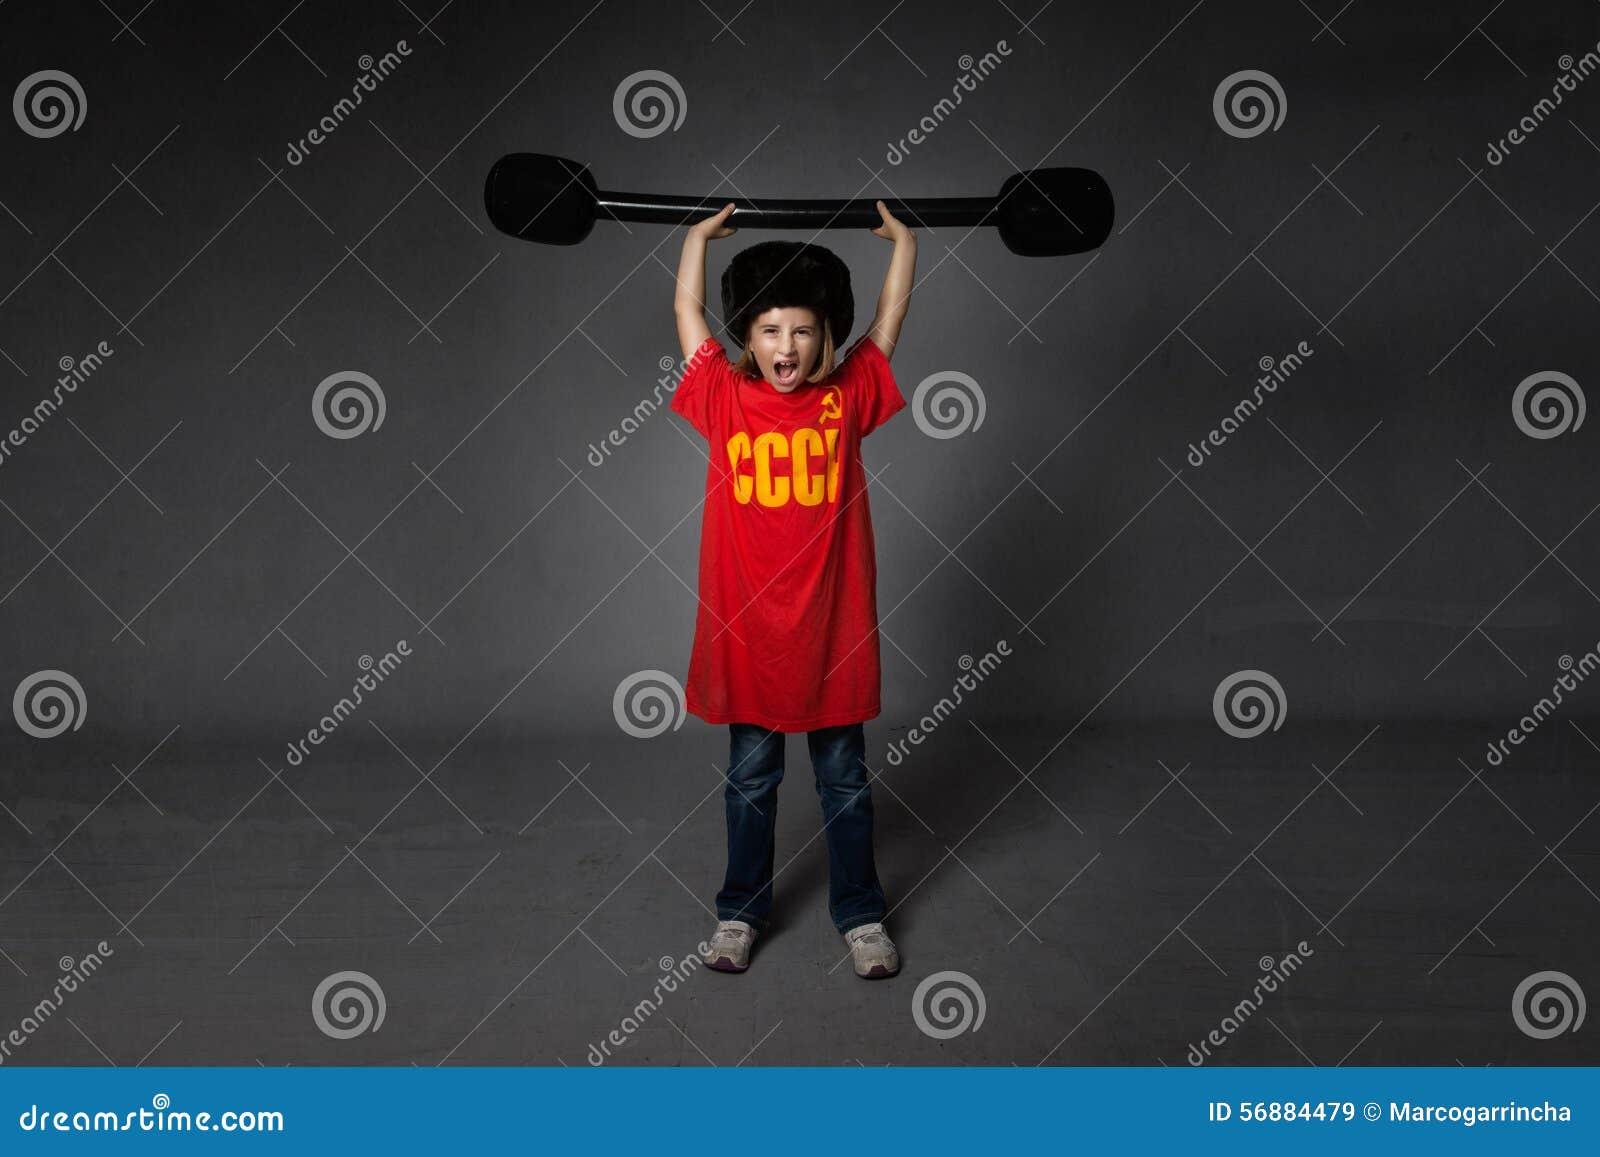 Sollevamento di pesi russo dell atleta